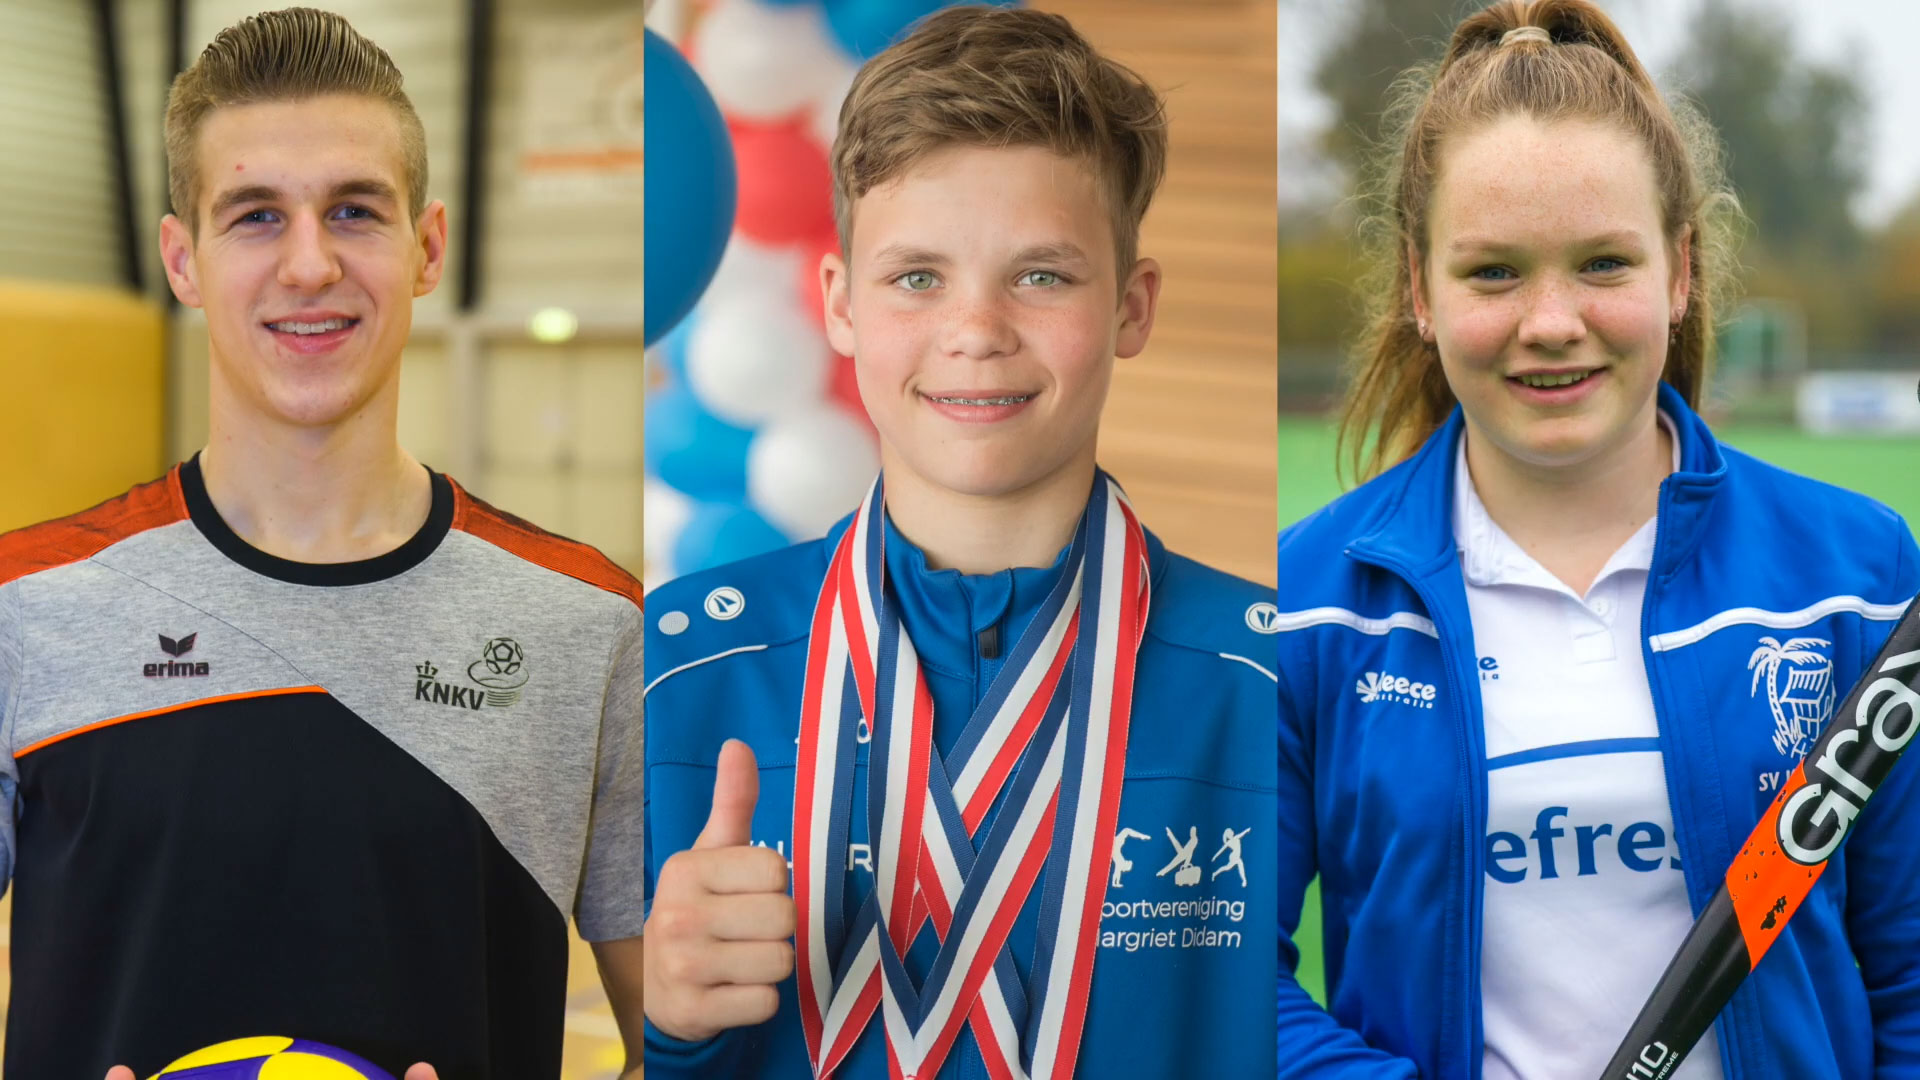 De genomineerden voor Liemerse Sporttalent 2019!